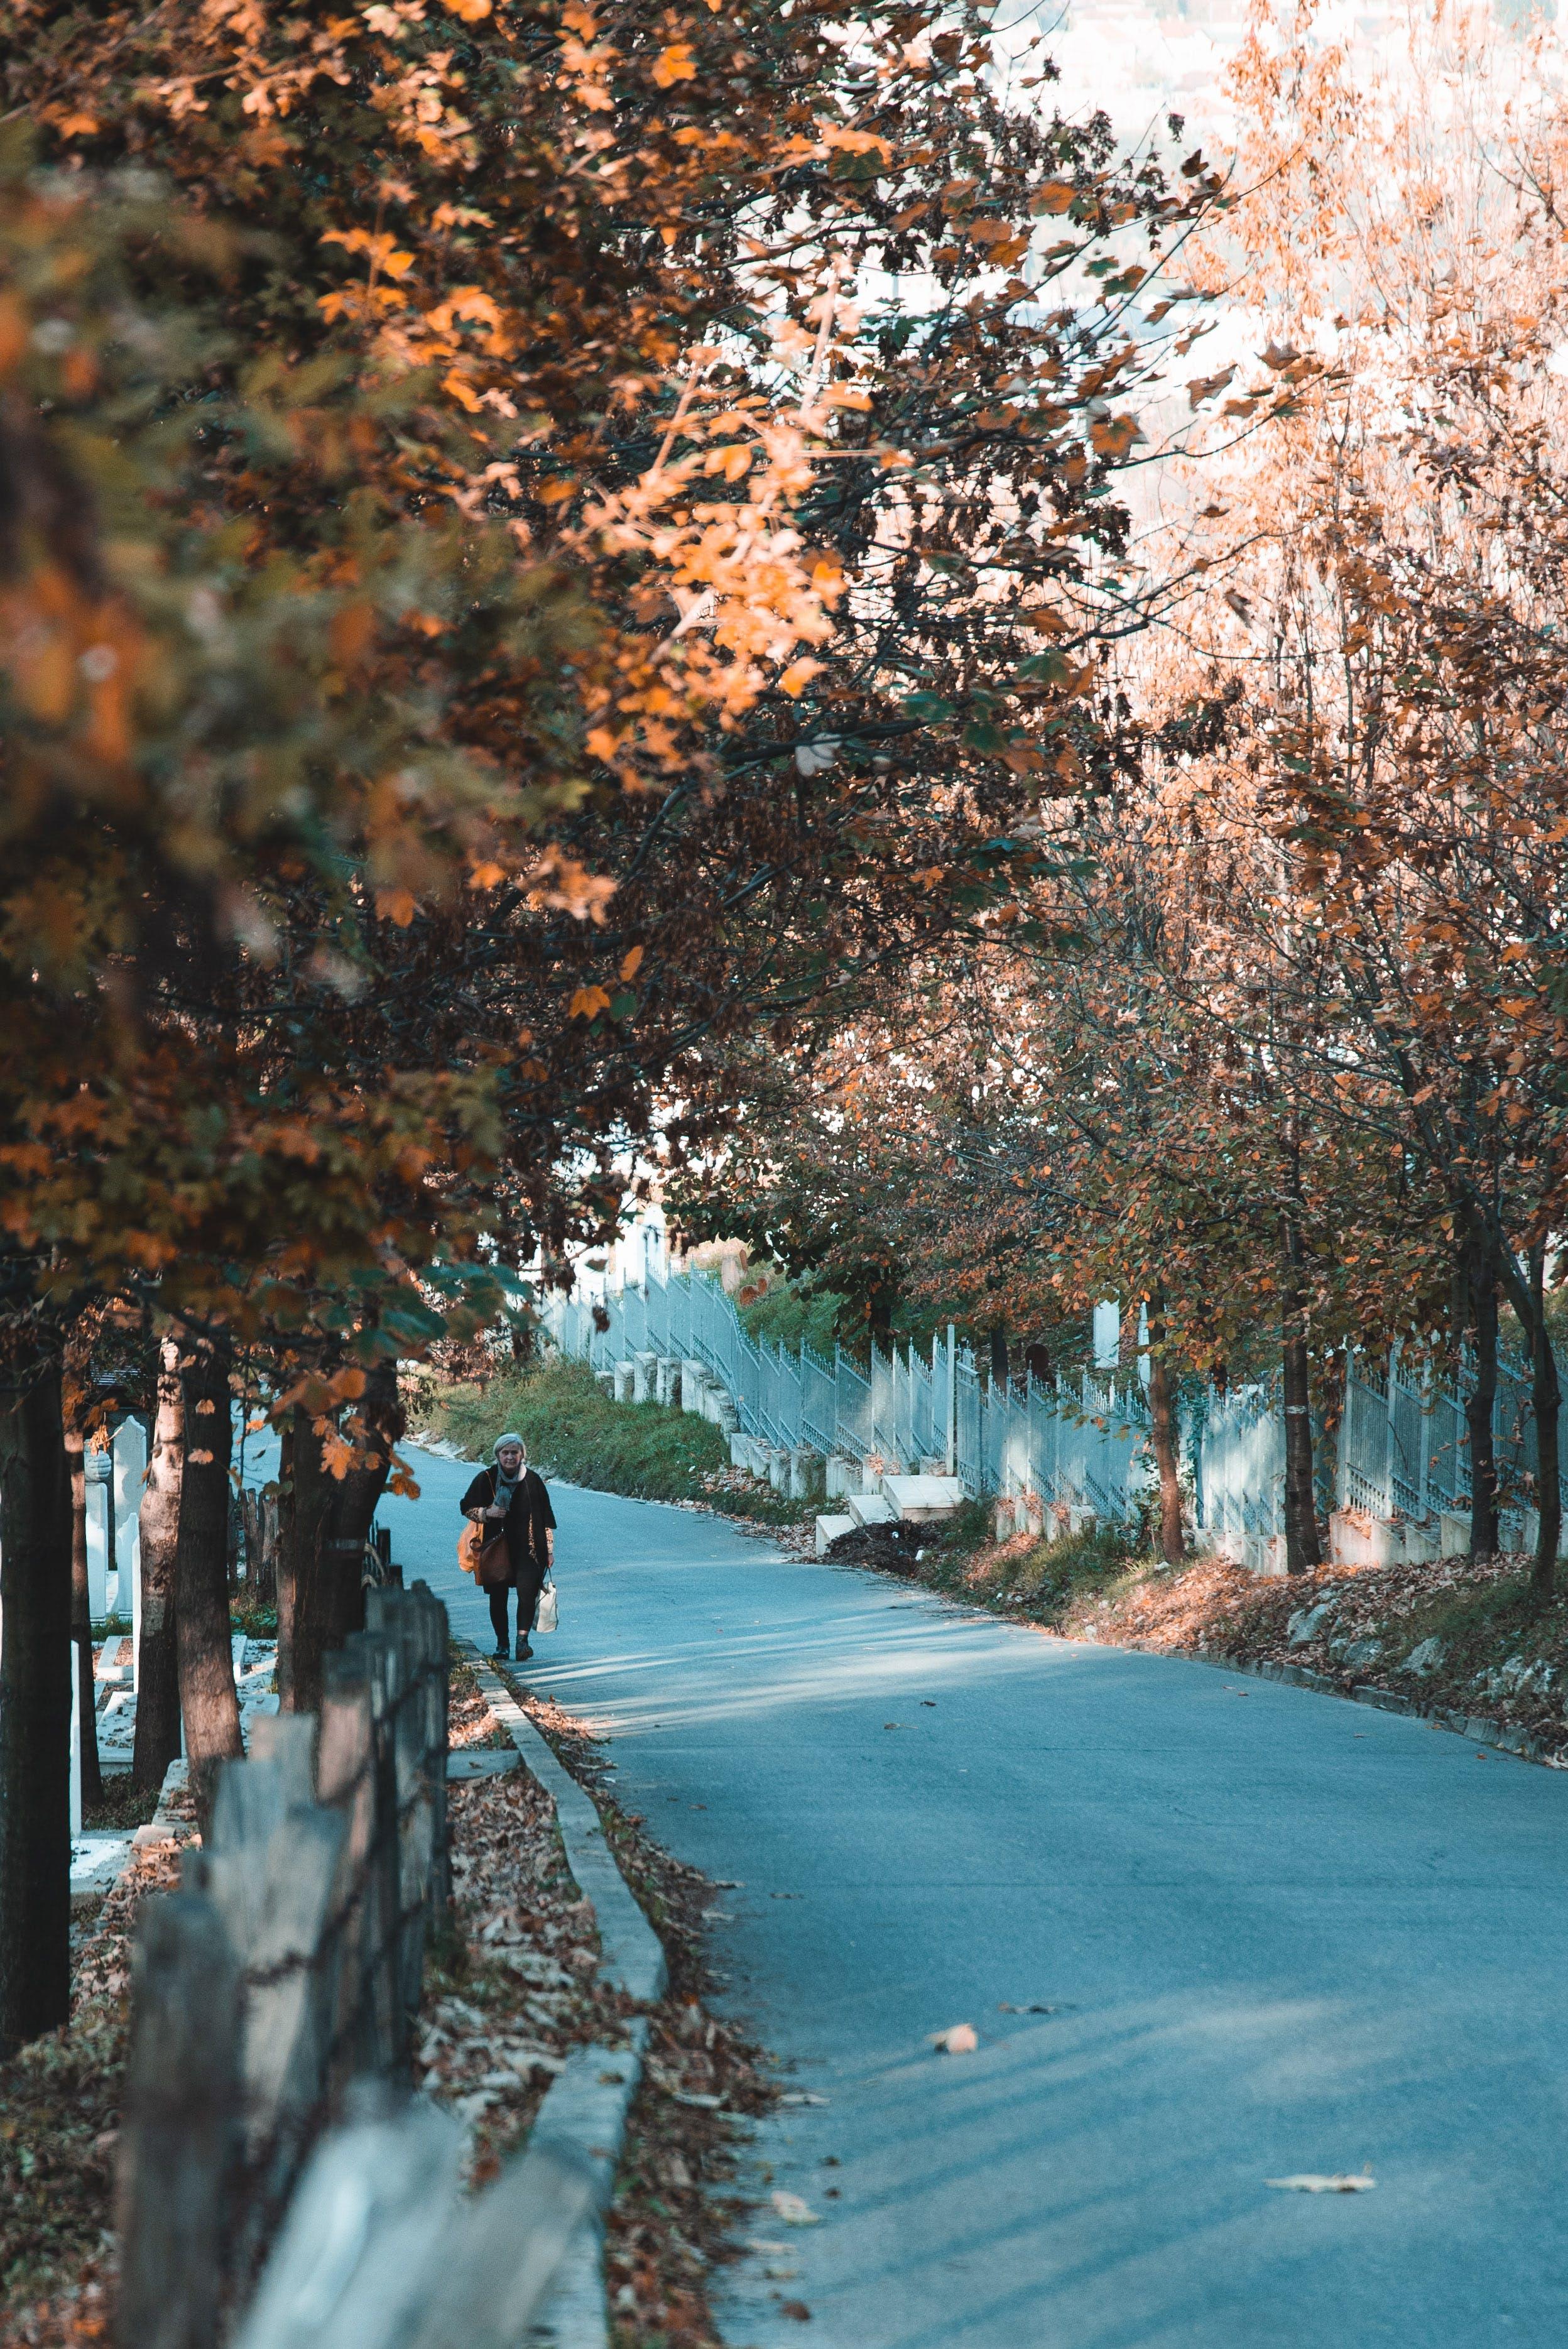 Kostenloses Stock Foto zu bäume, landschaft, landschaftlich, person